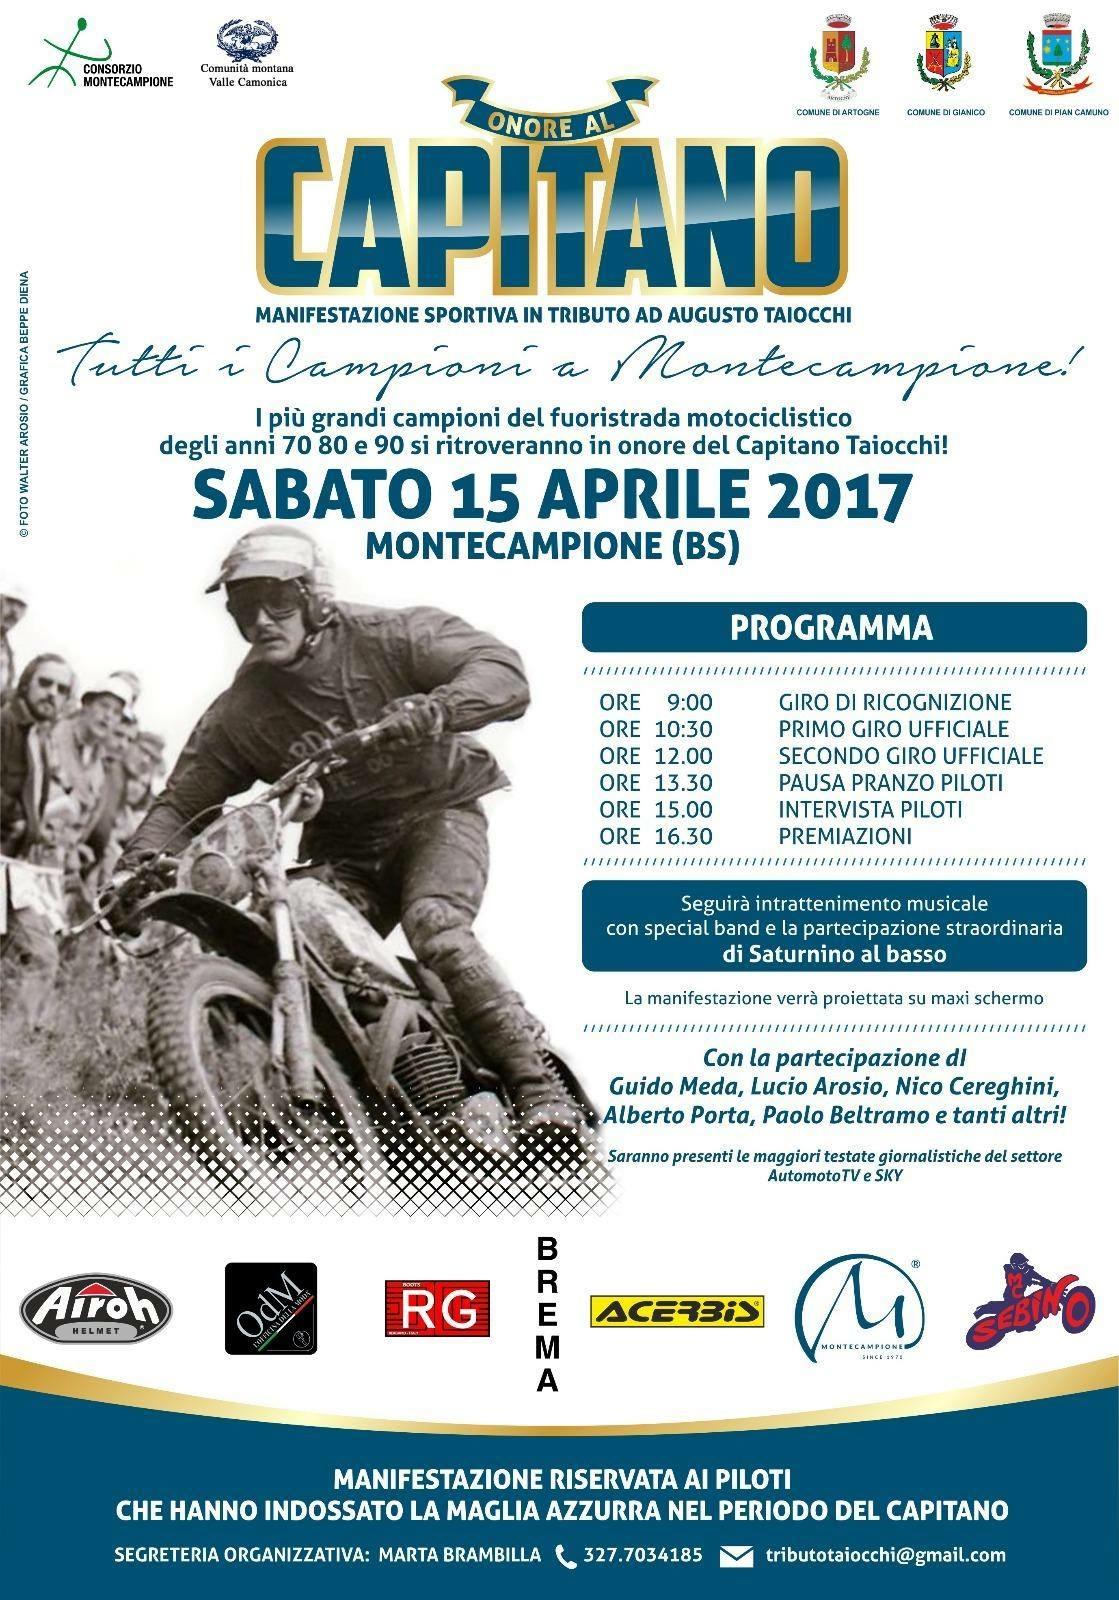 ONORE AL CAPITANO 2017